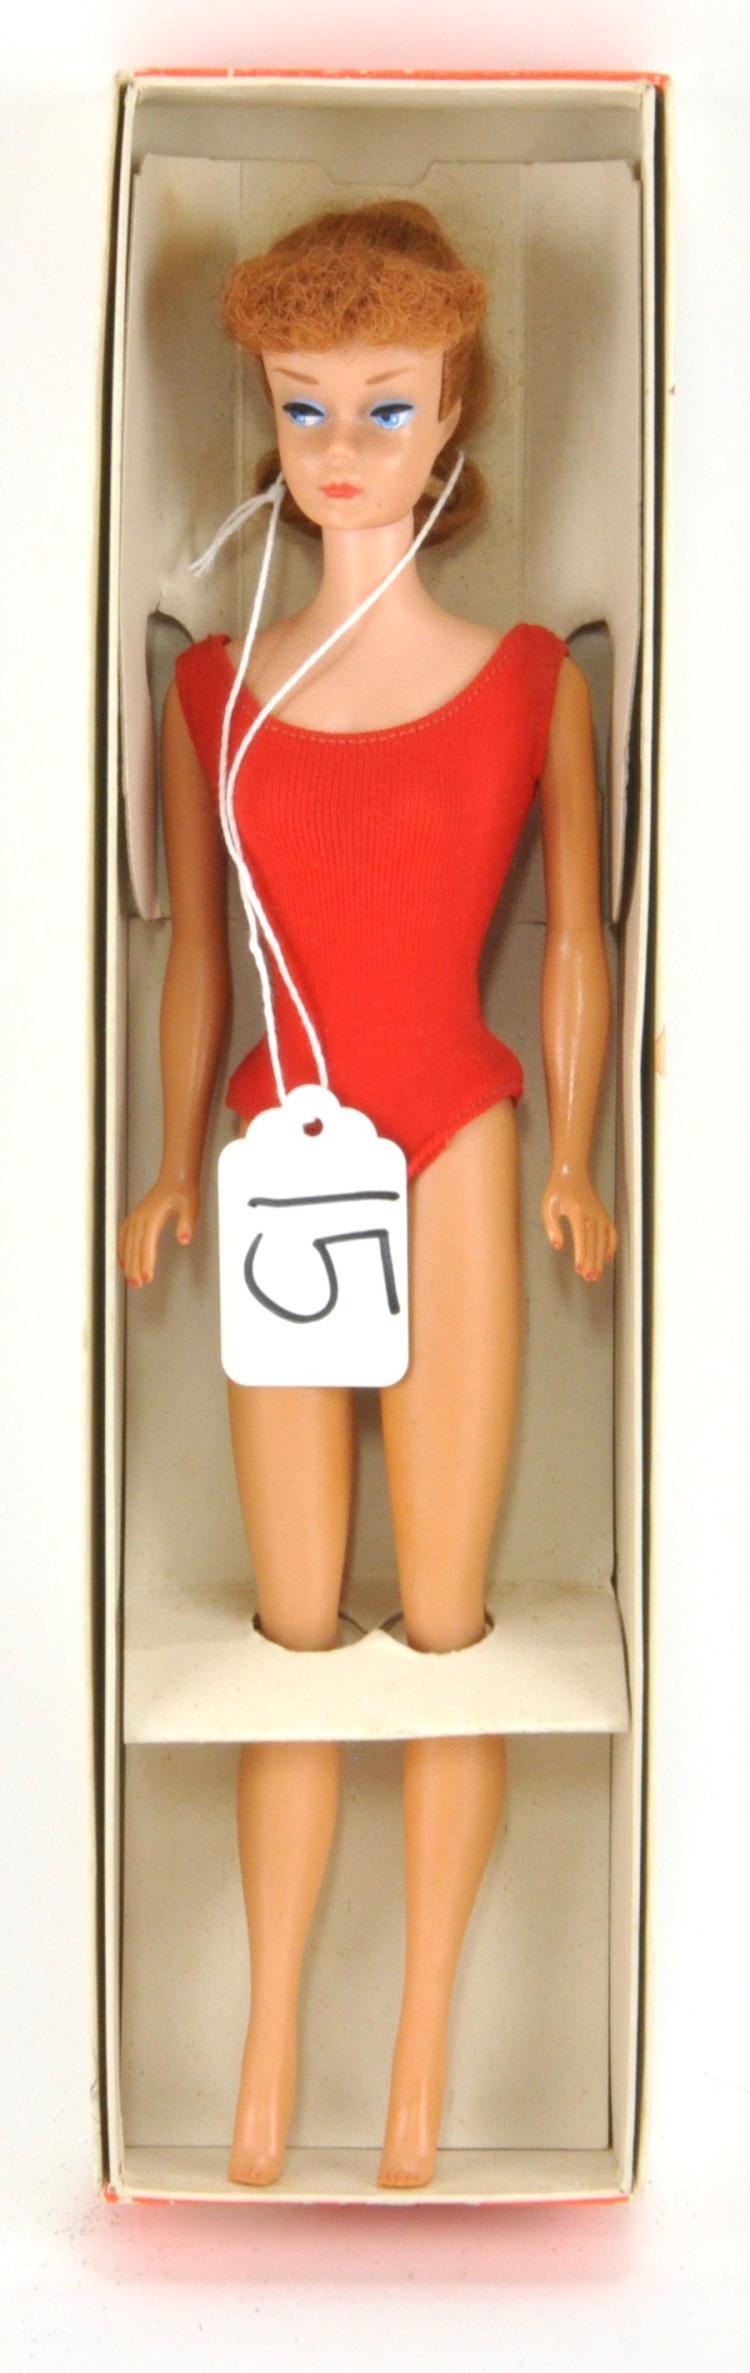 Titian Pony Tail Barbie Doll